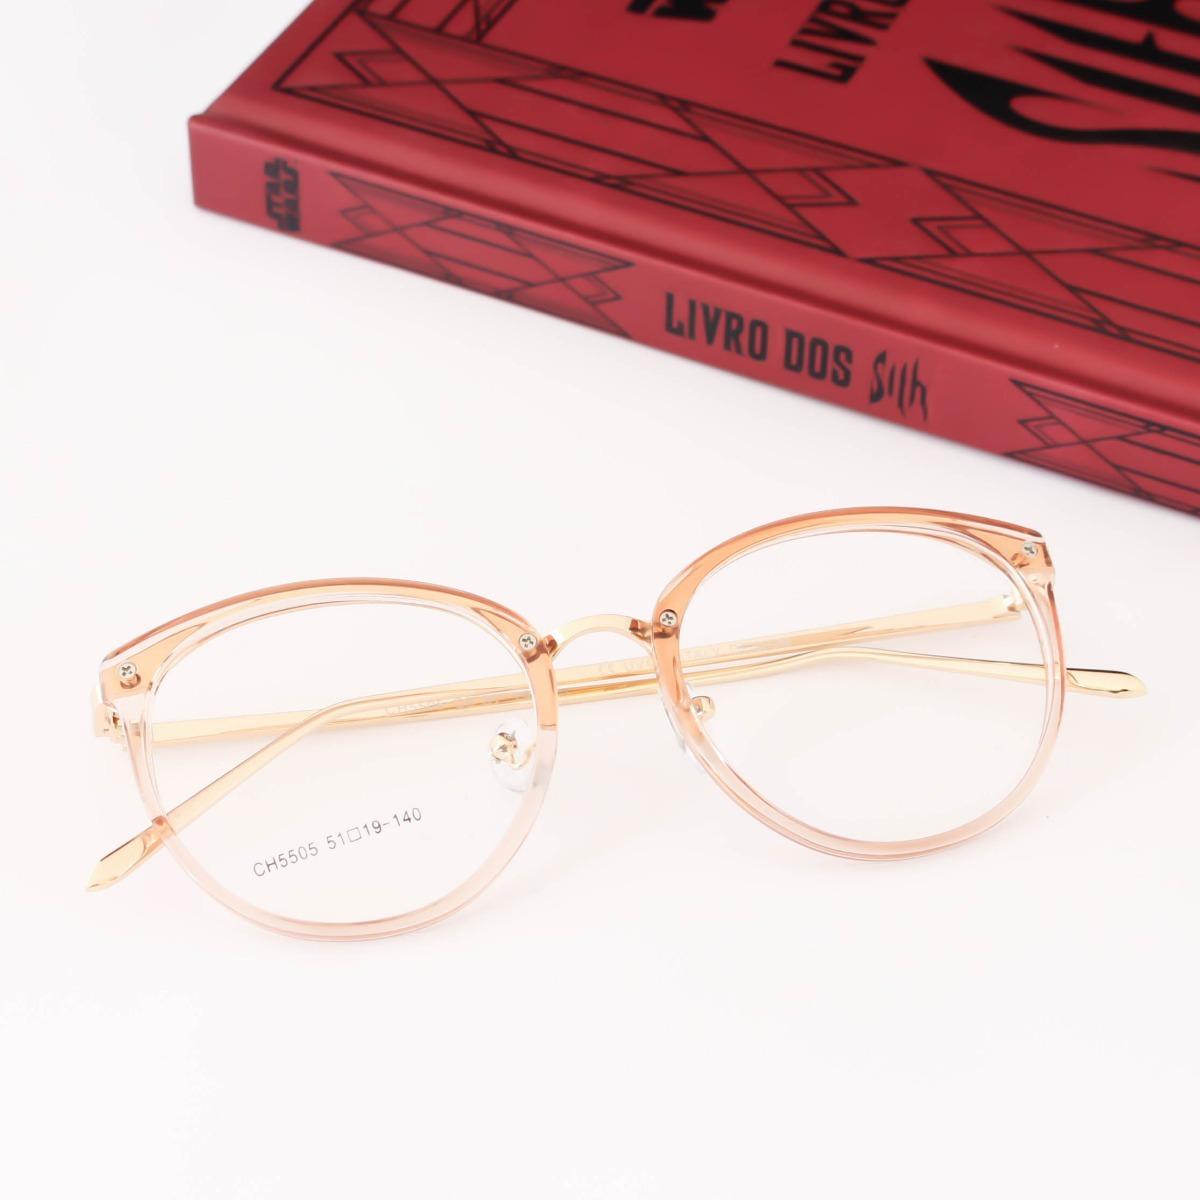 Óculos Armação Gatinho Vintage Transparente - R  59,00 em Mercado Livre 8e009a9a85